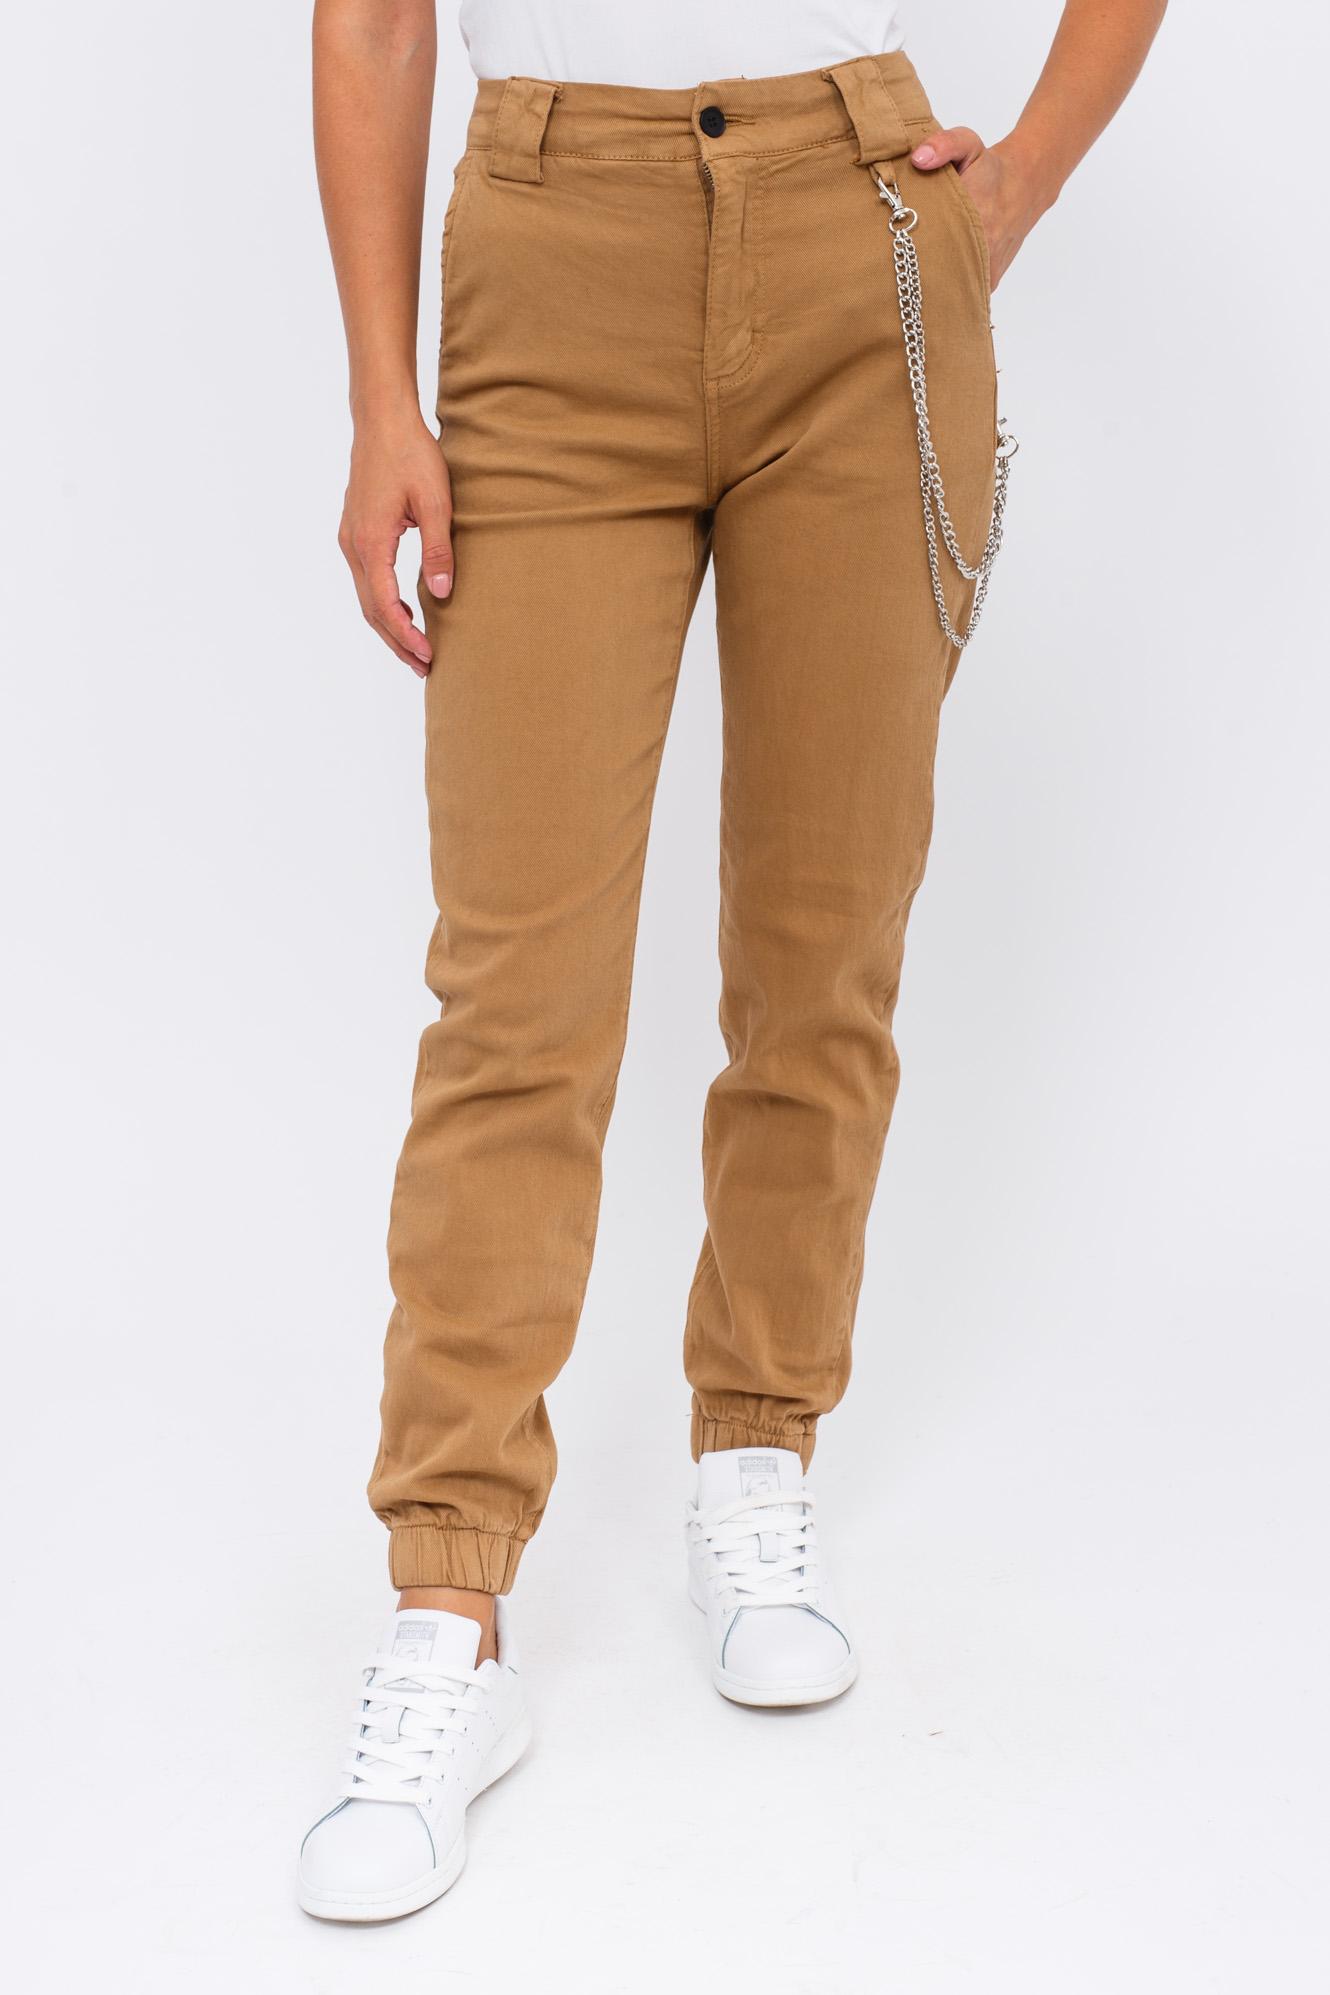 Женские джинсы с цепочкой Re-Dress - бежевый цвет